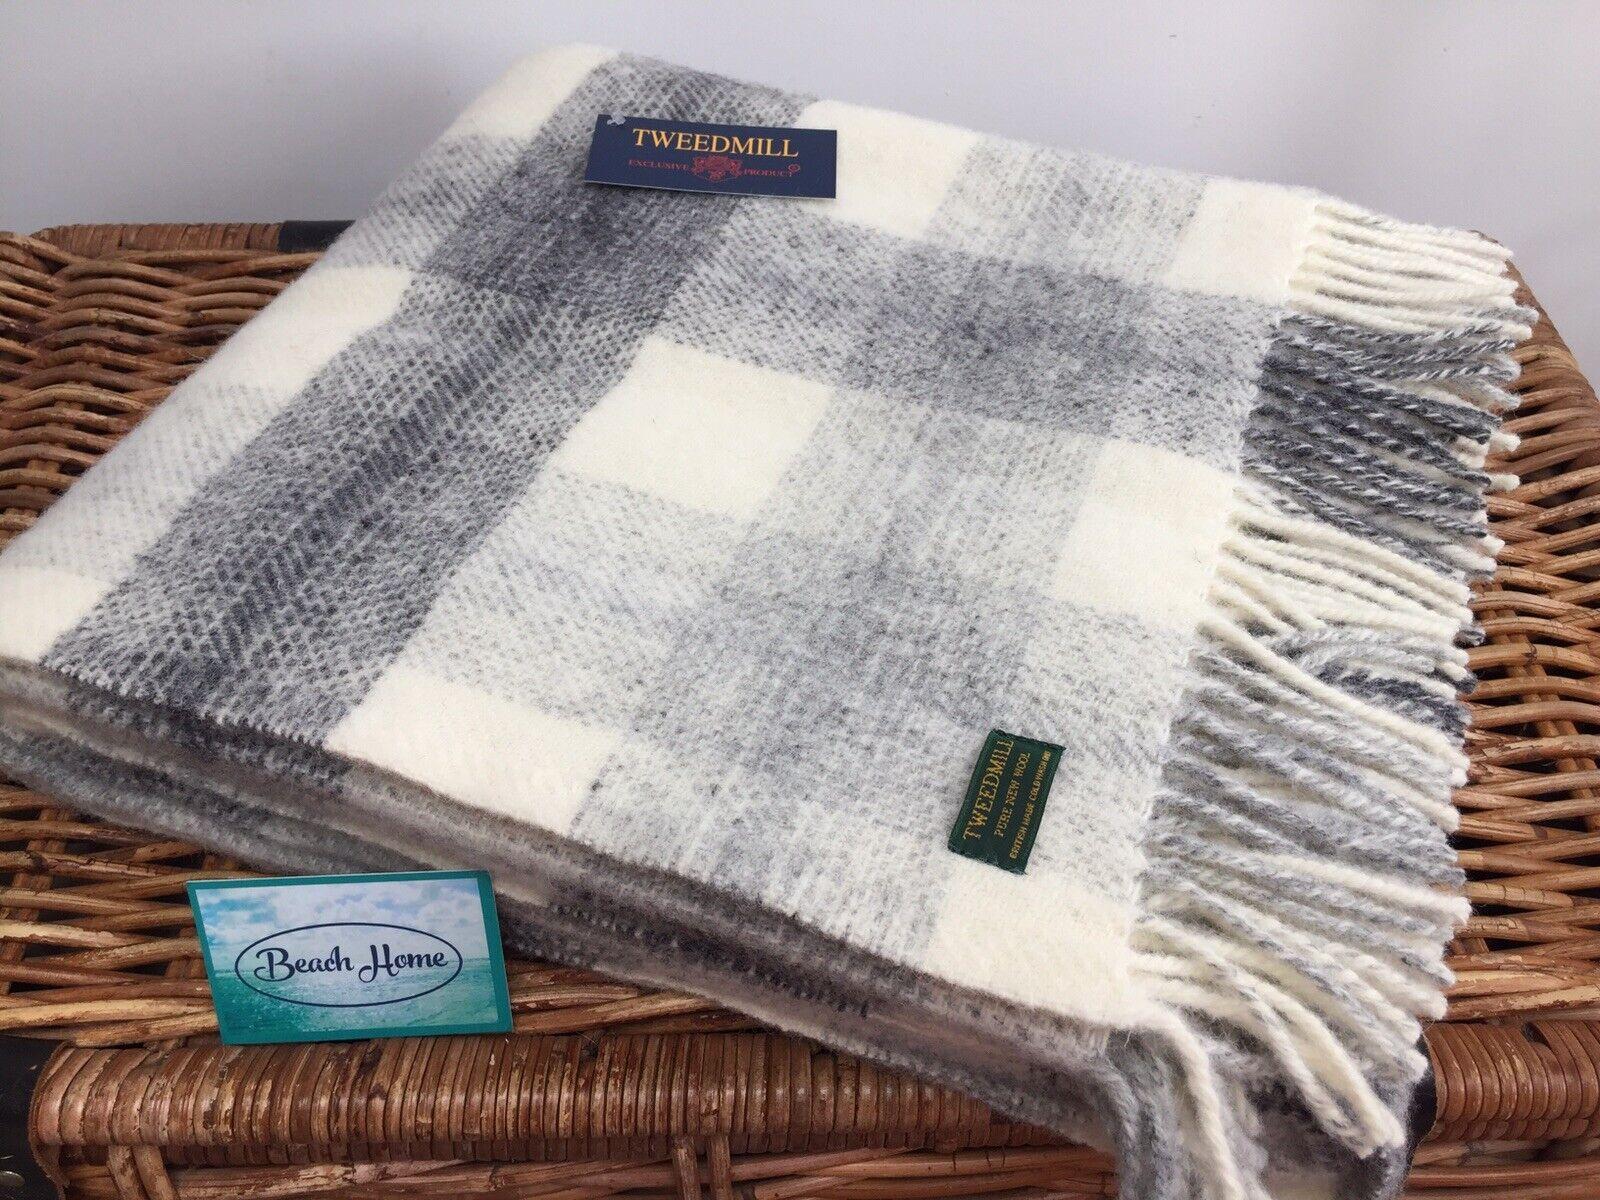 Tweedmill Textiles Prado comprobar gris Crema 100% Puro Nuevo Lana Manta Cobertor De Alfombra